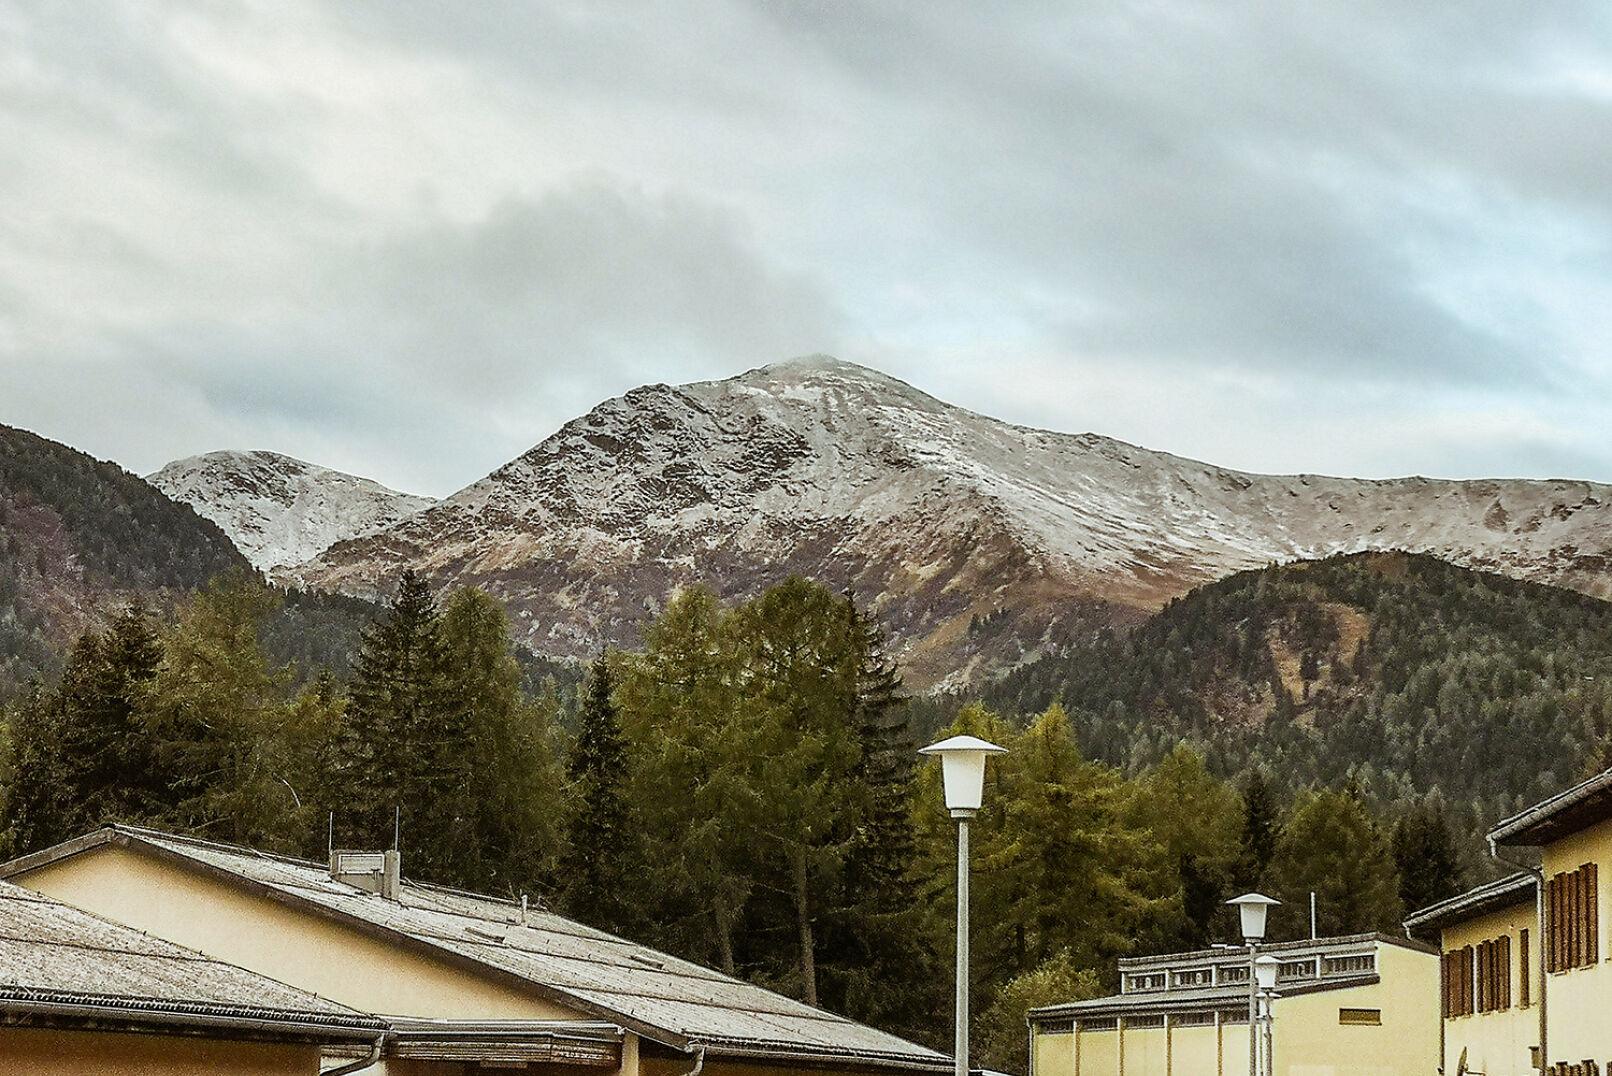 Der Zirbitz, Protagonist der hiesigen Alpenlandschaft, war am Morgen der Challenge angezuckert. - © Barbara Marko